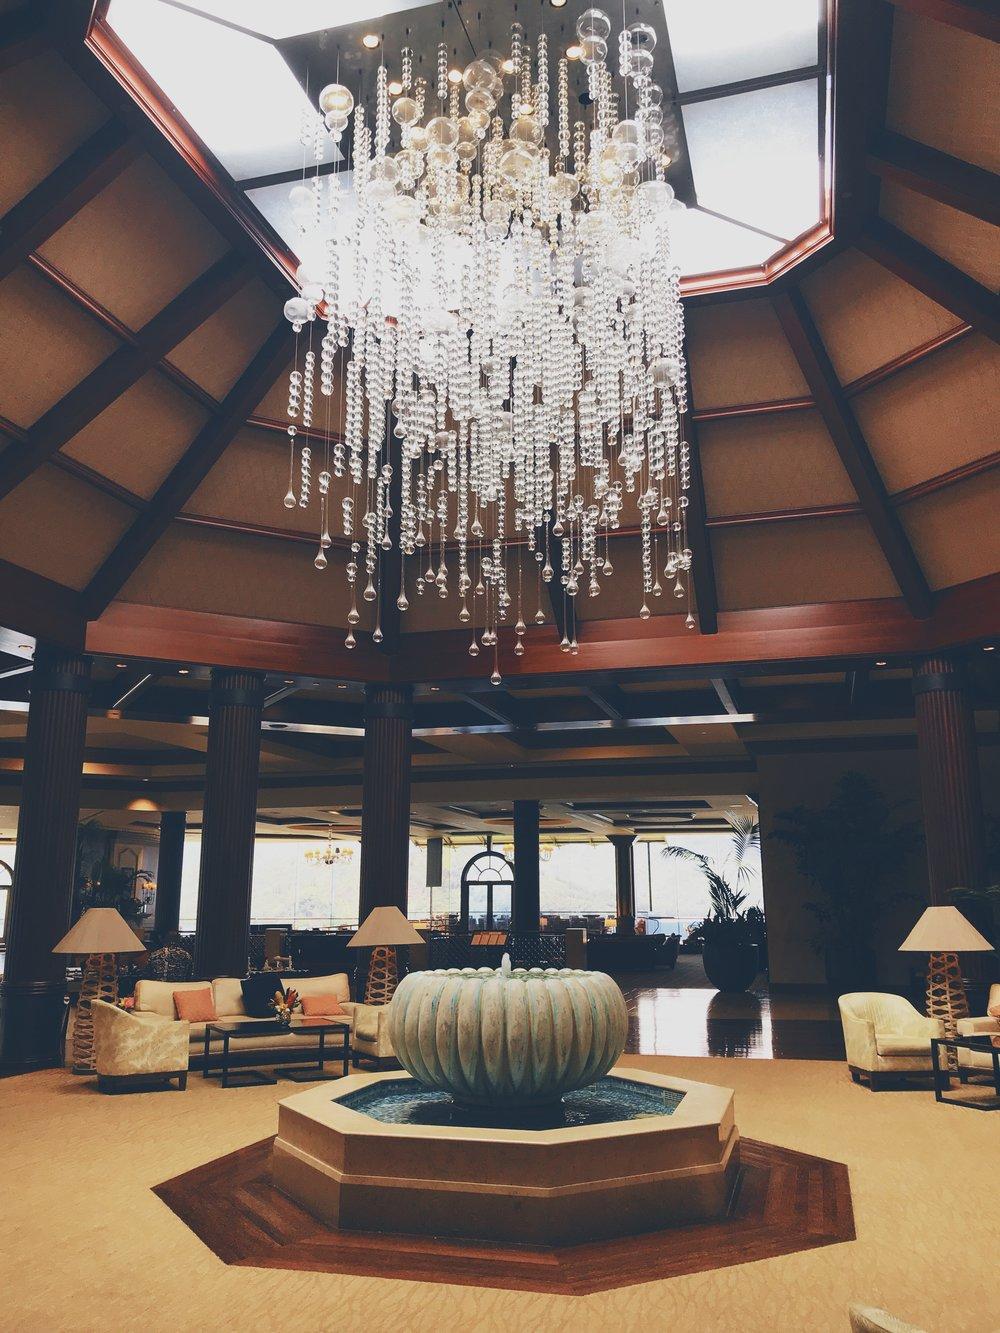 St_Regis_Kauai_Lobby